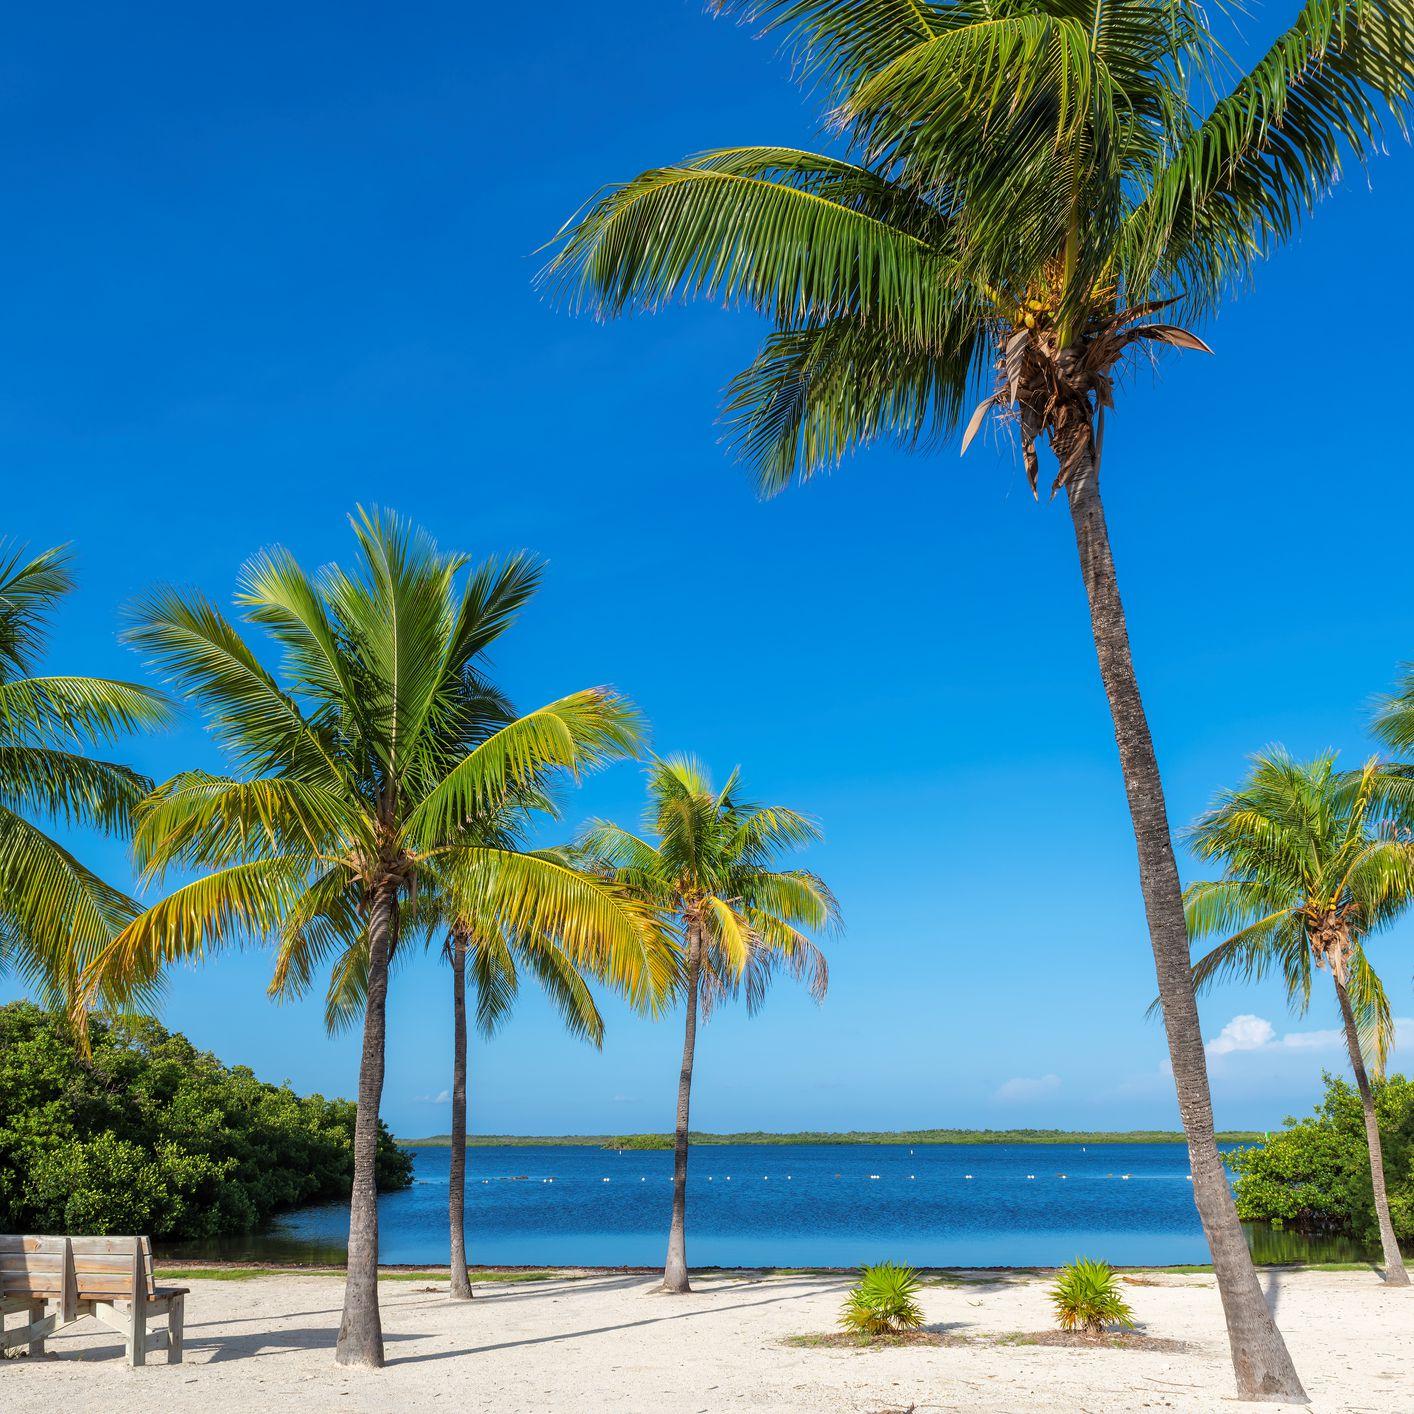 The 5 Best Florida Beach Towns